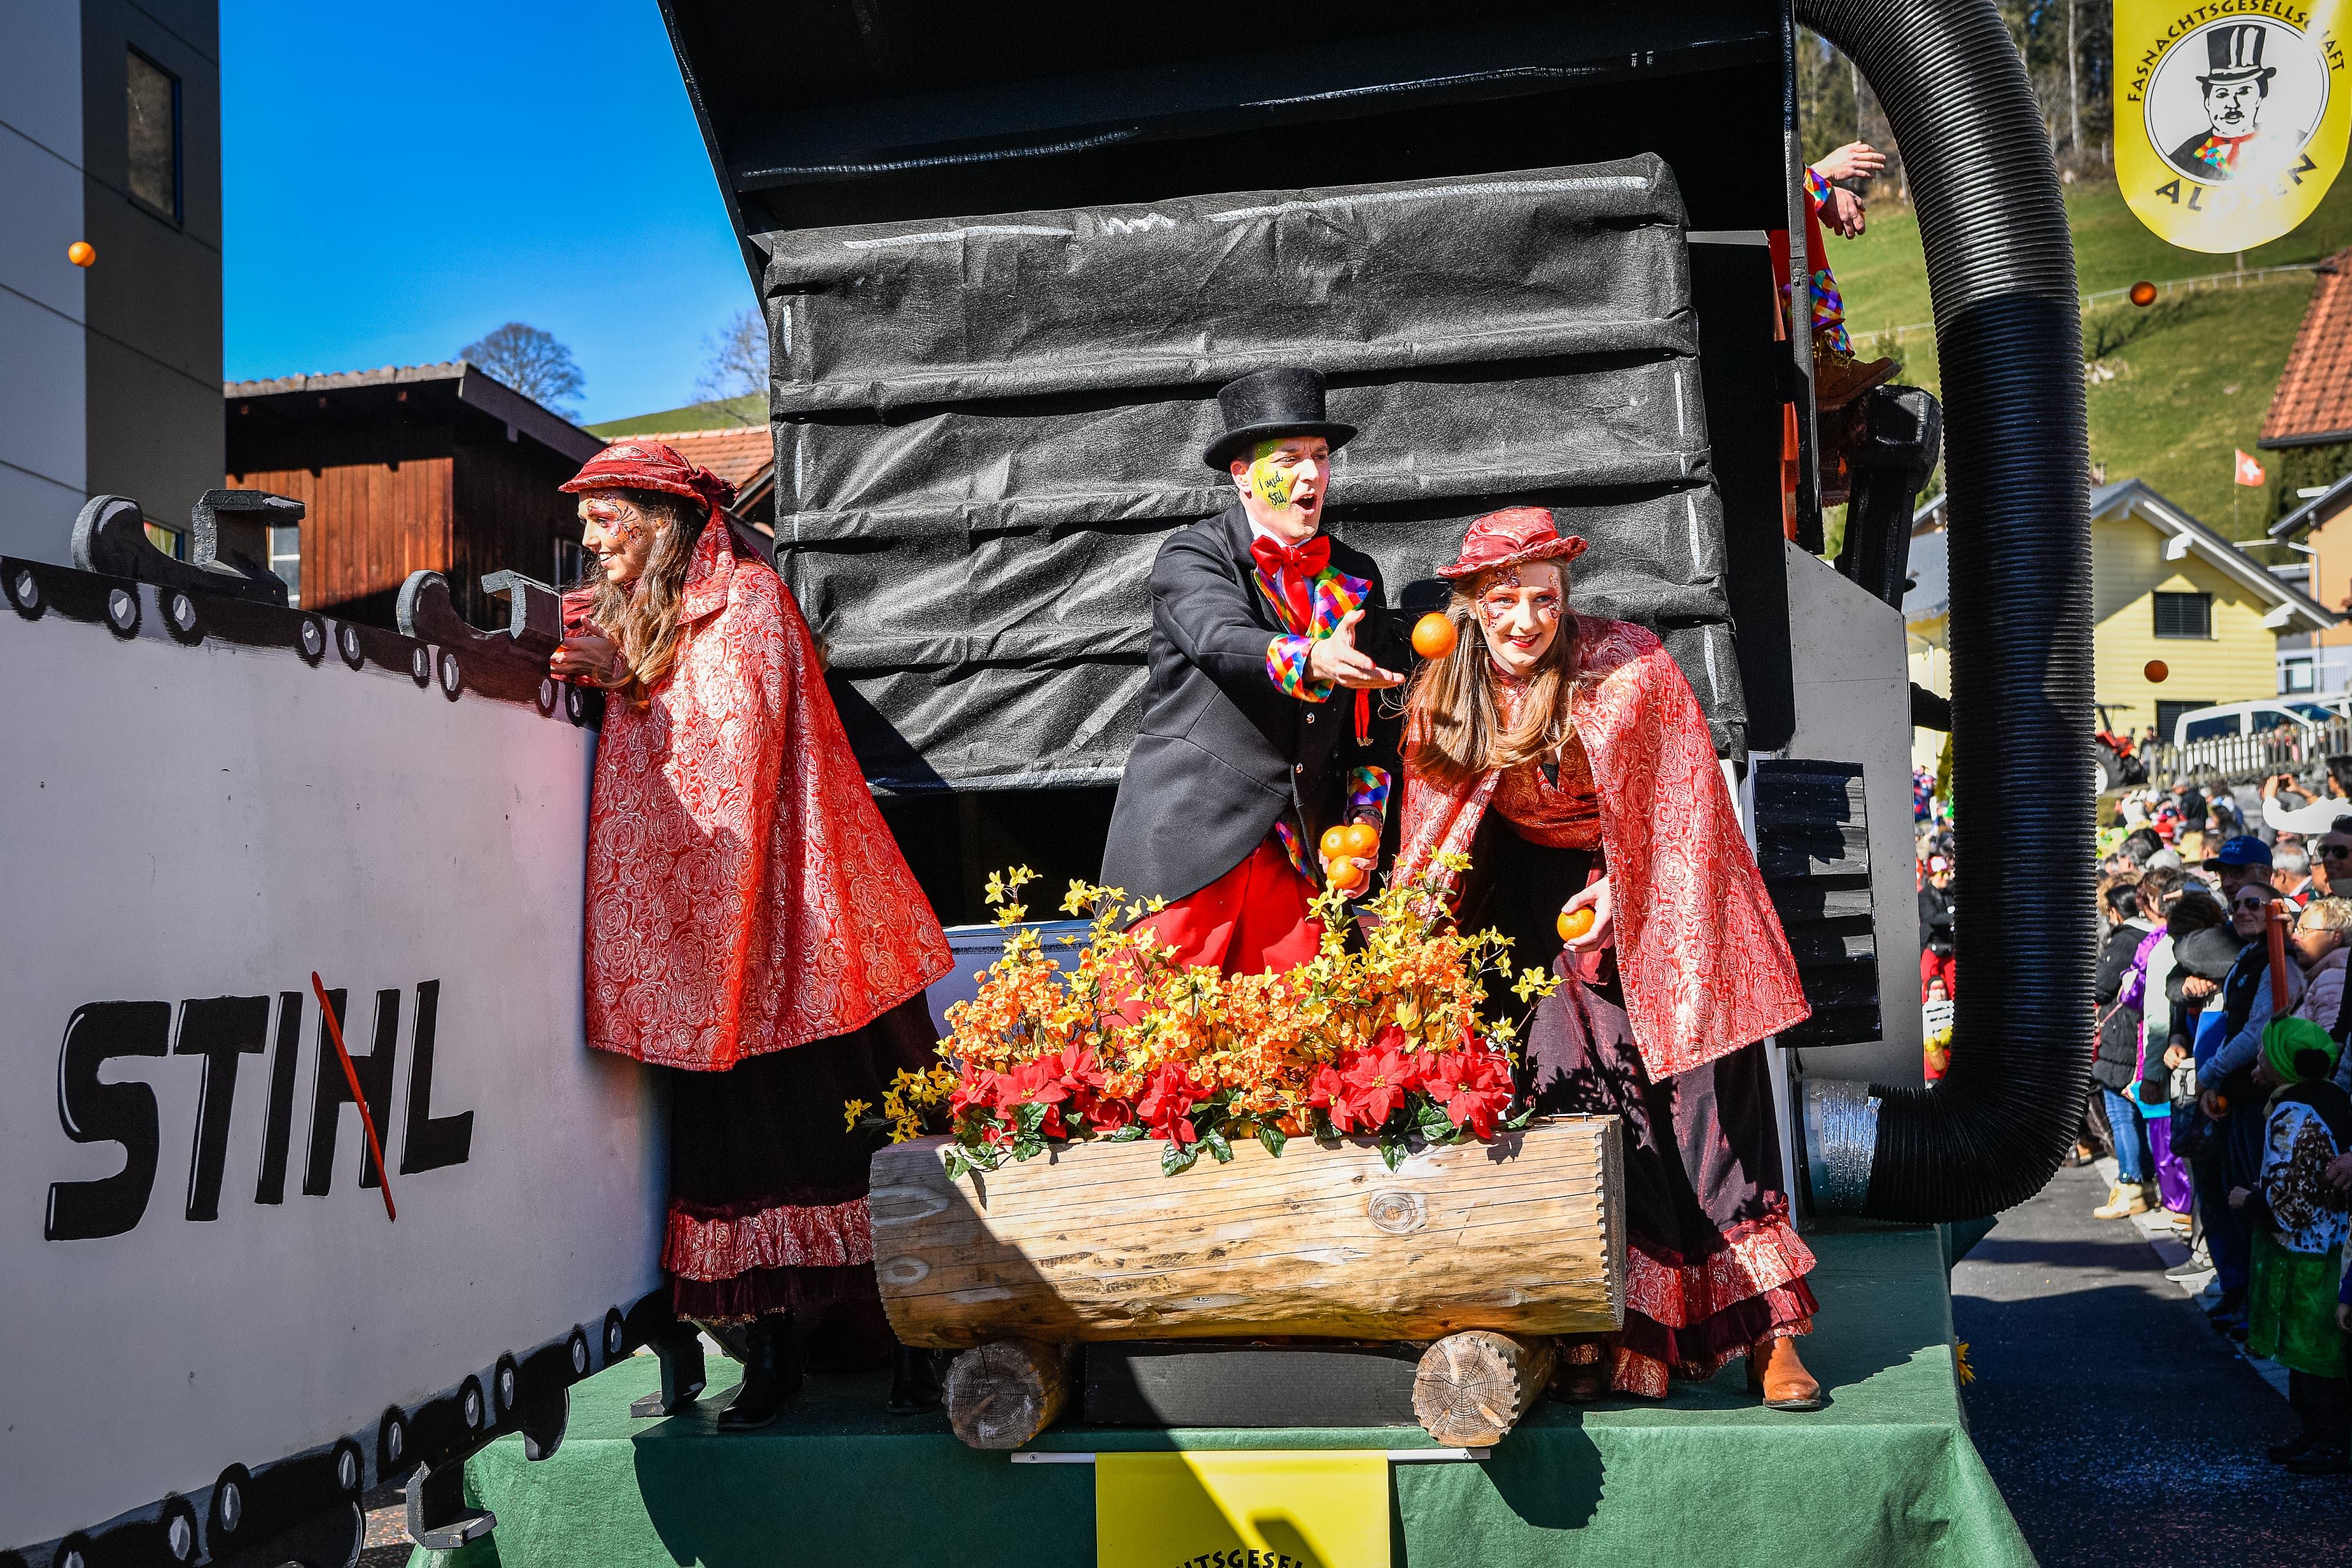 Die Alösler feiern ihr Jubiläum mit Sti(h)l.